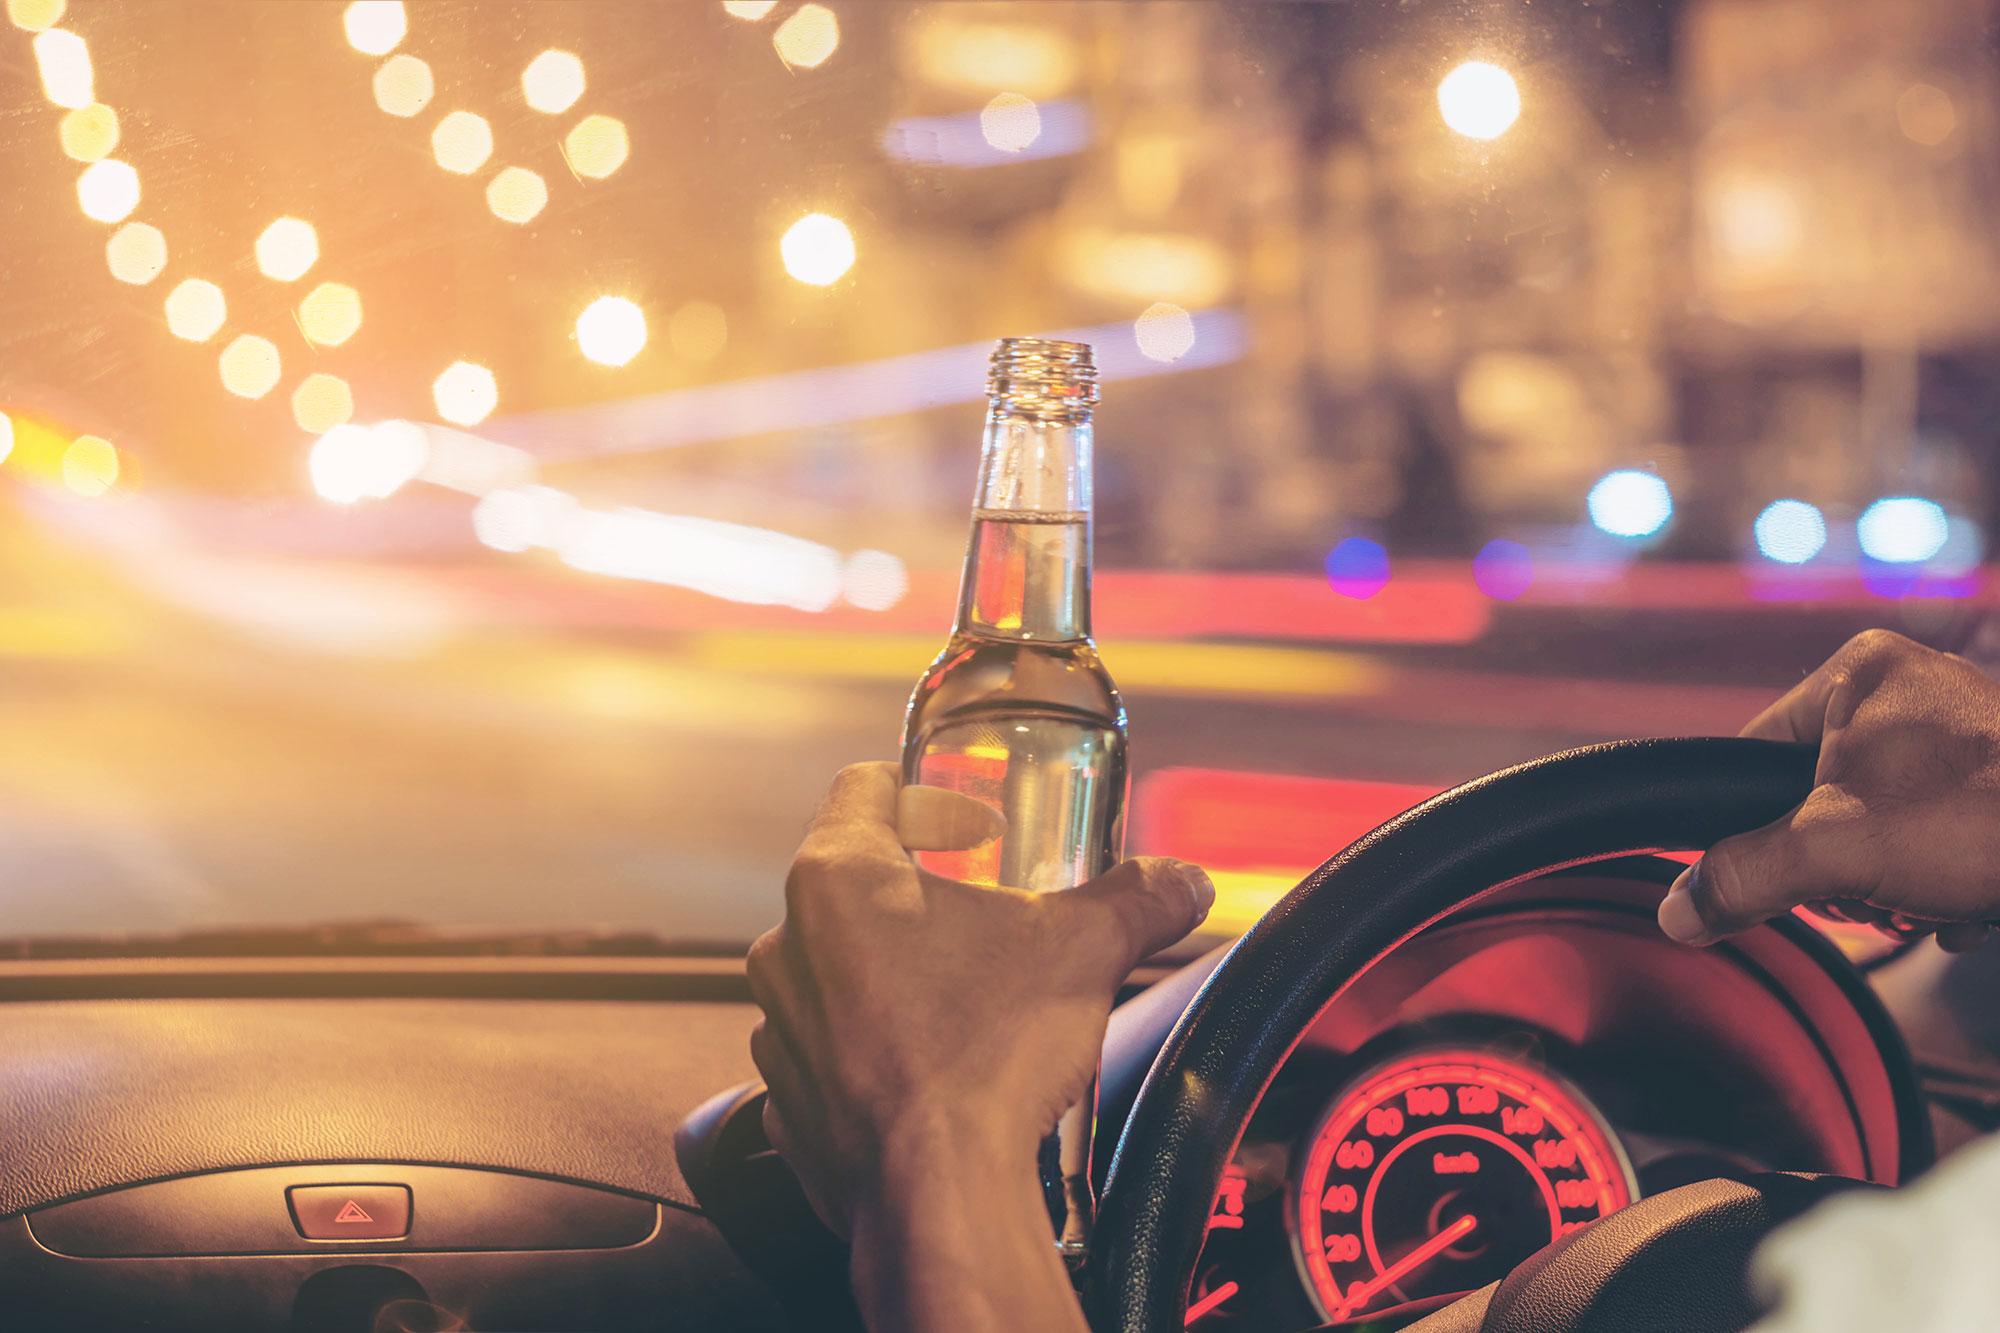 Sécurité routière : améliorée grâce à des peines plus sévères